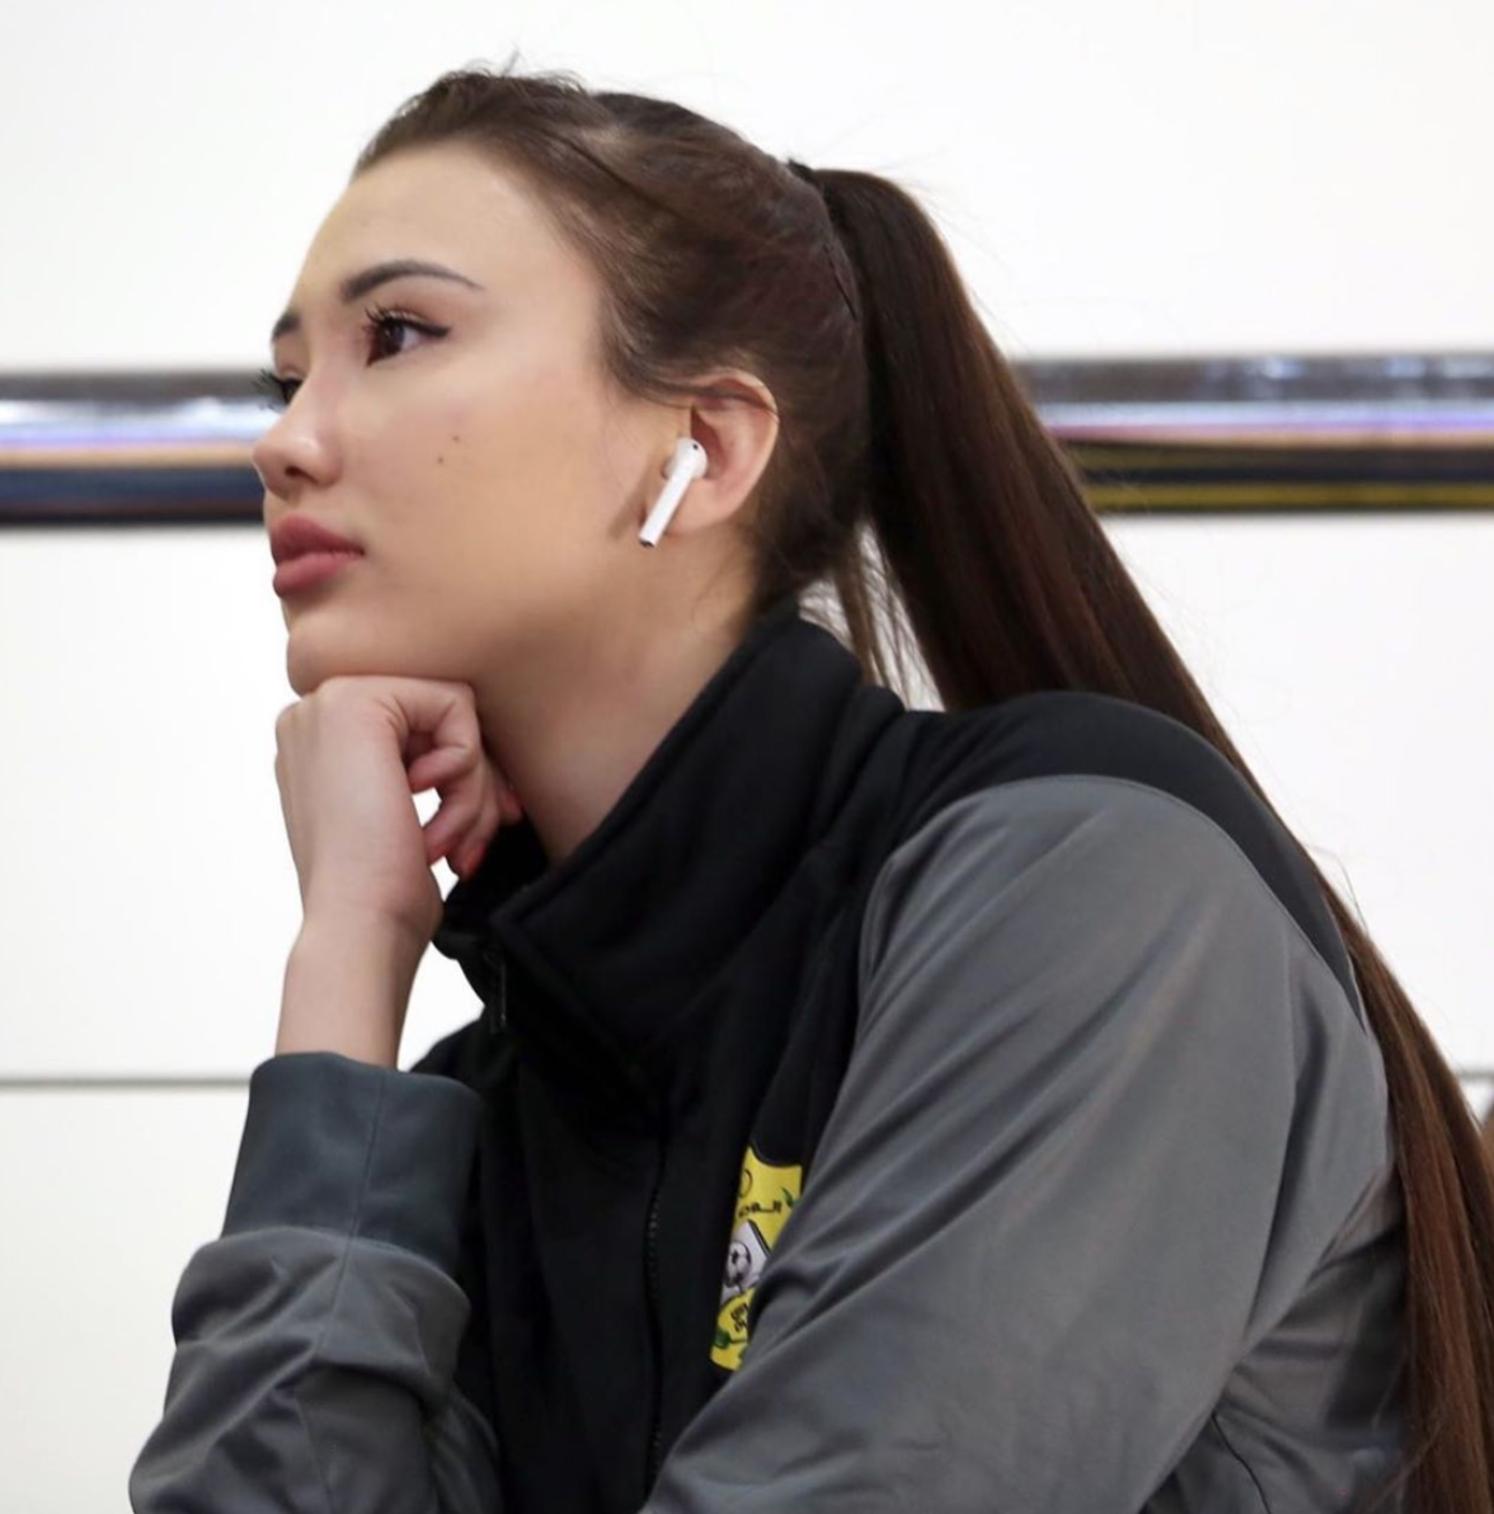 Sabina Altynbekova, banda della Nazionale del Kazakistan, è ufficialmente per 2 anni una giocatrice della Volalto 2.0 Caserta. Il club rosanero ha comunicato che la classe '96 sarà anche la donna immagine.